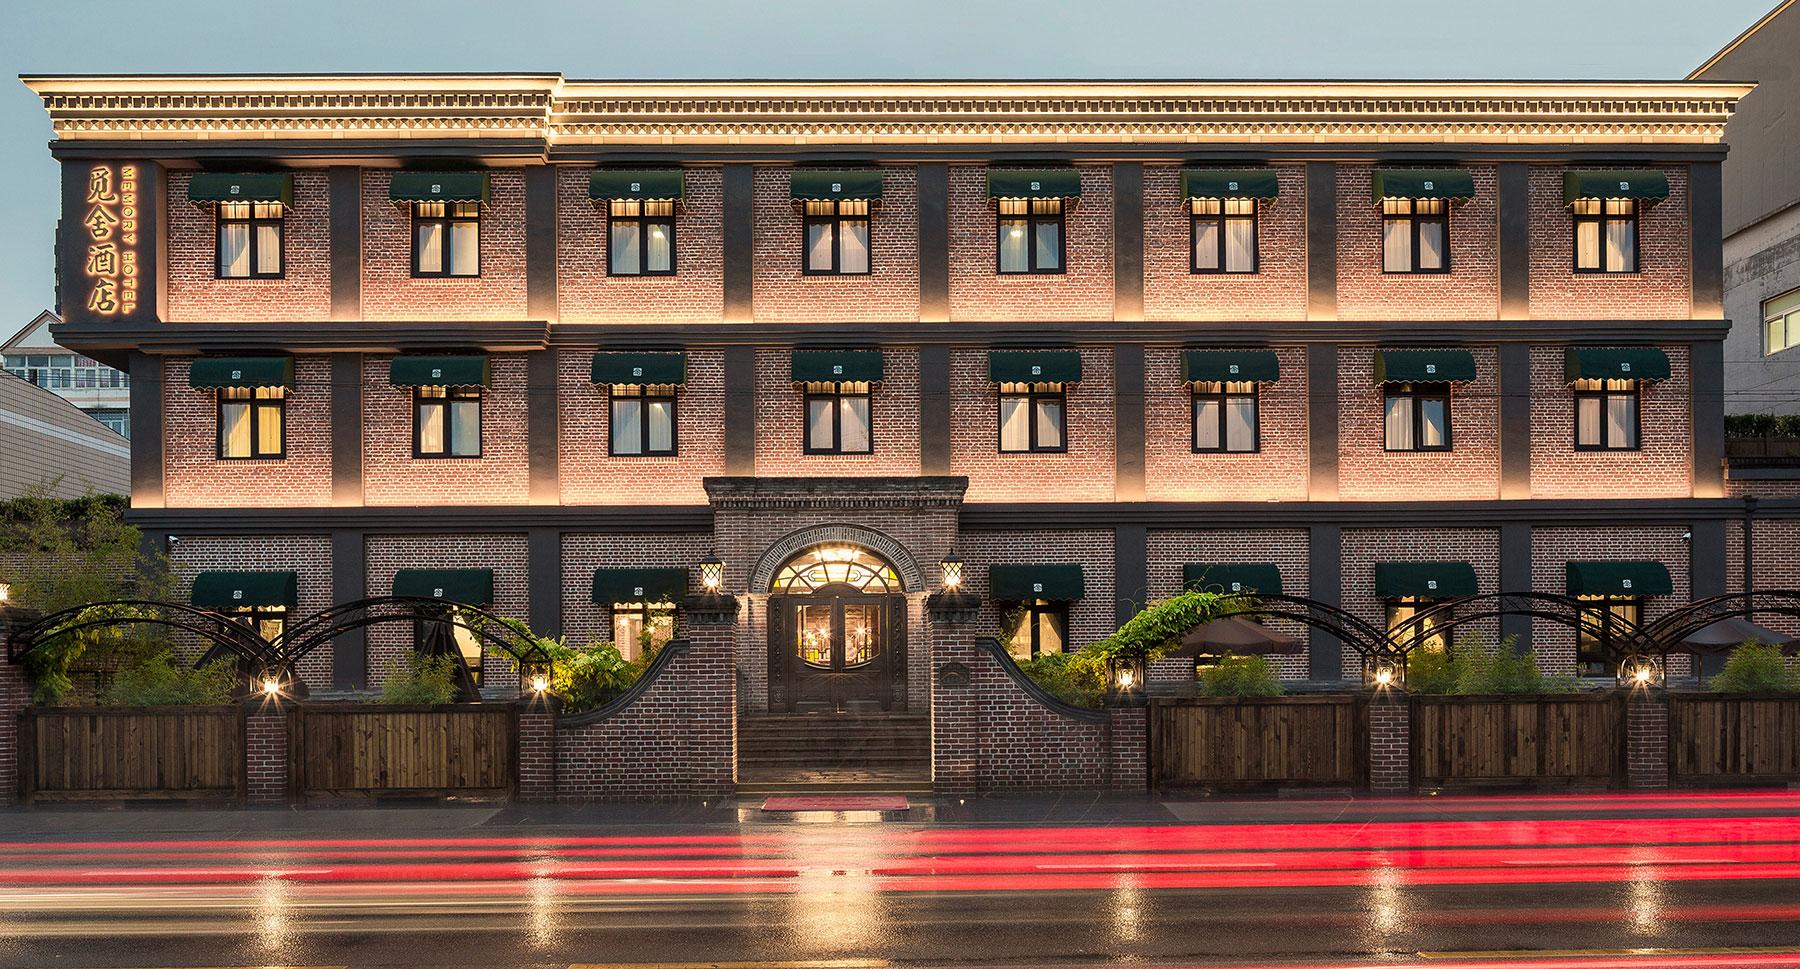 [北京]丘山元室内设计-北京觅舍酒店丨JPG平面+官方摄影丨33P